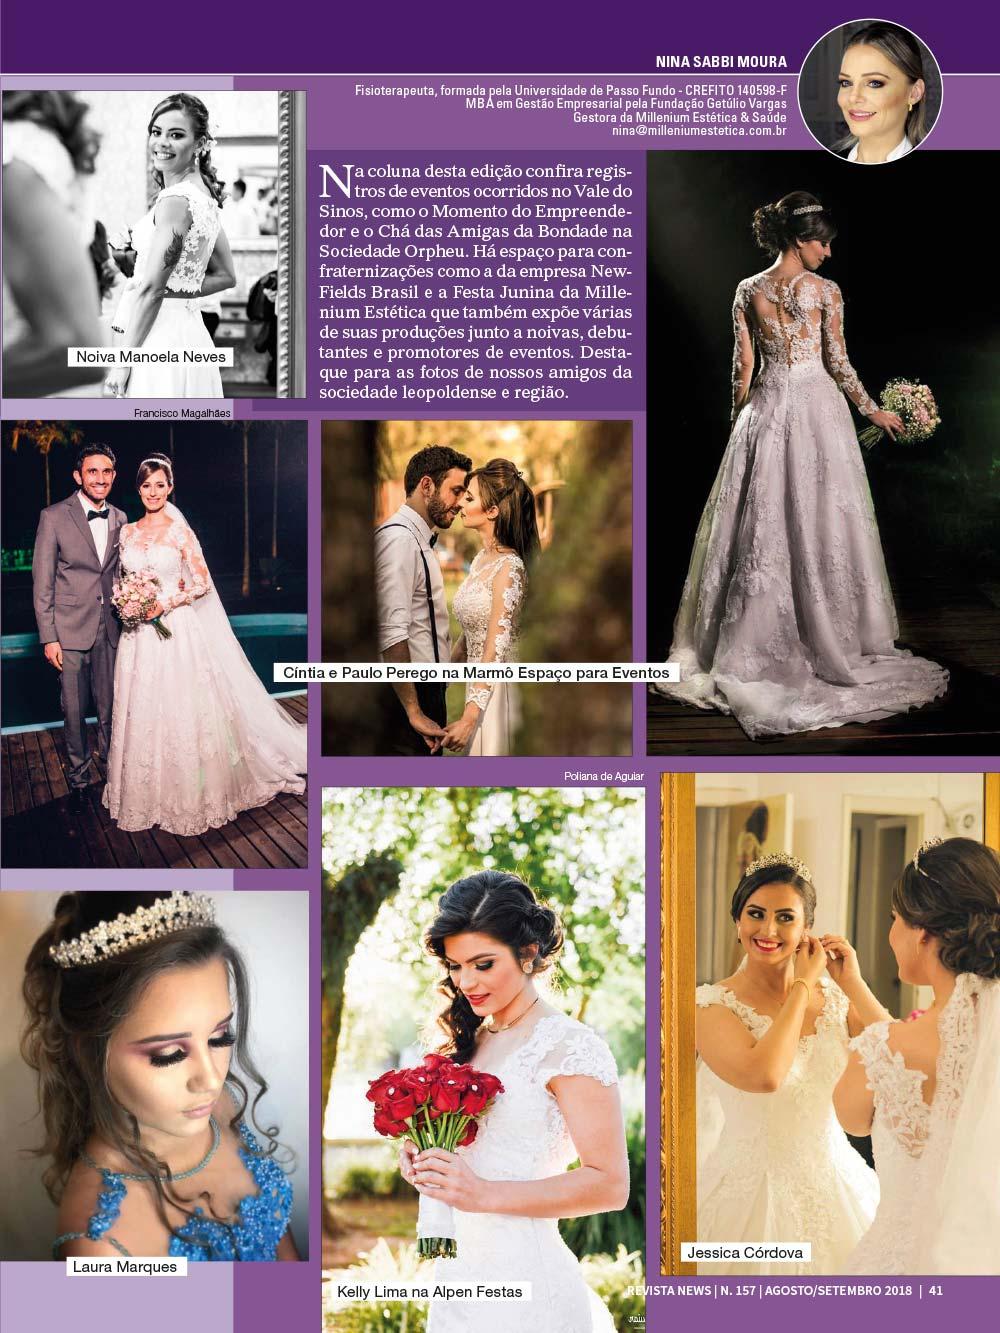 Revista News 157 41 - Nina Sabbi Moura - Edição 157